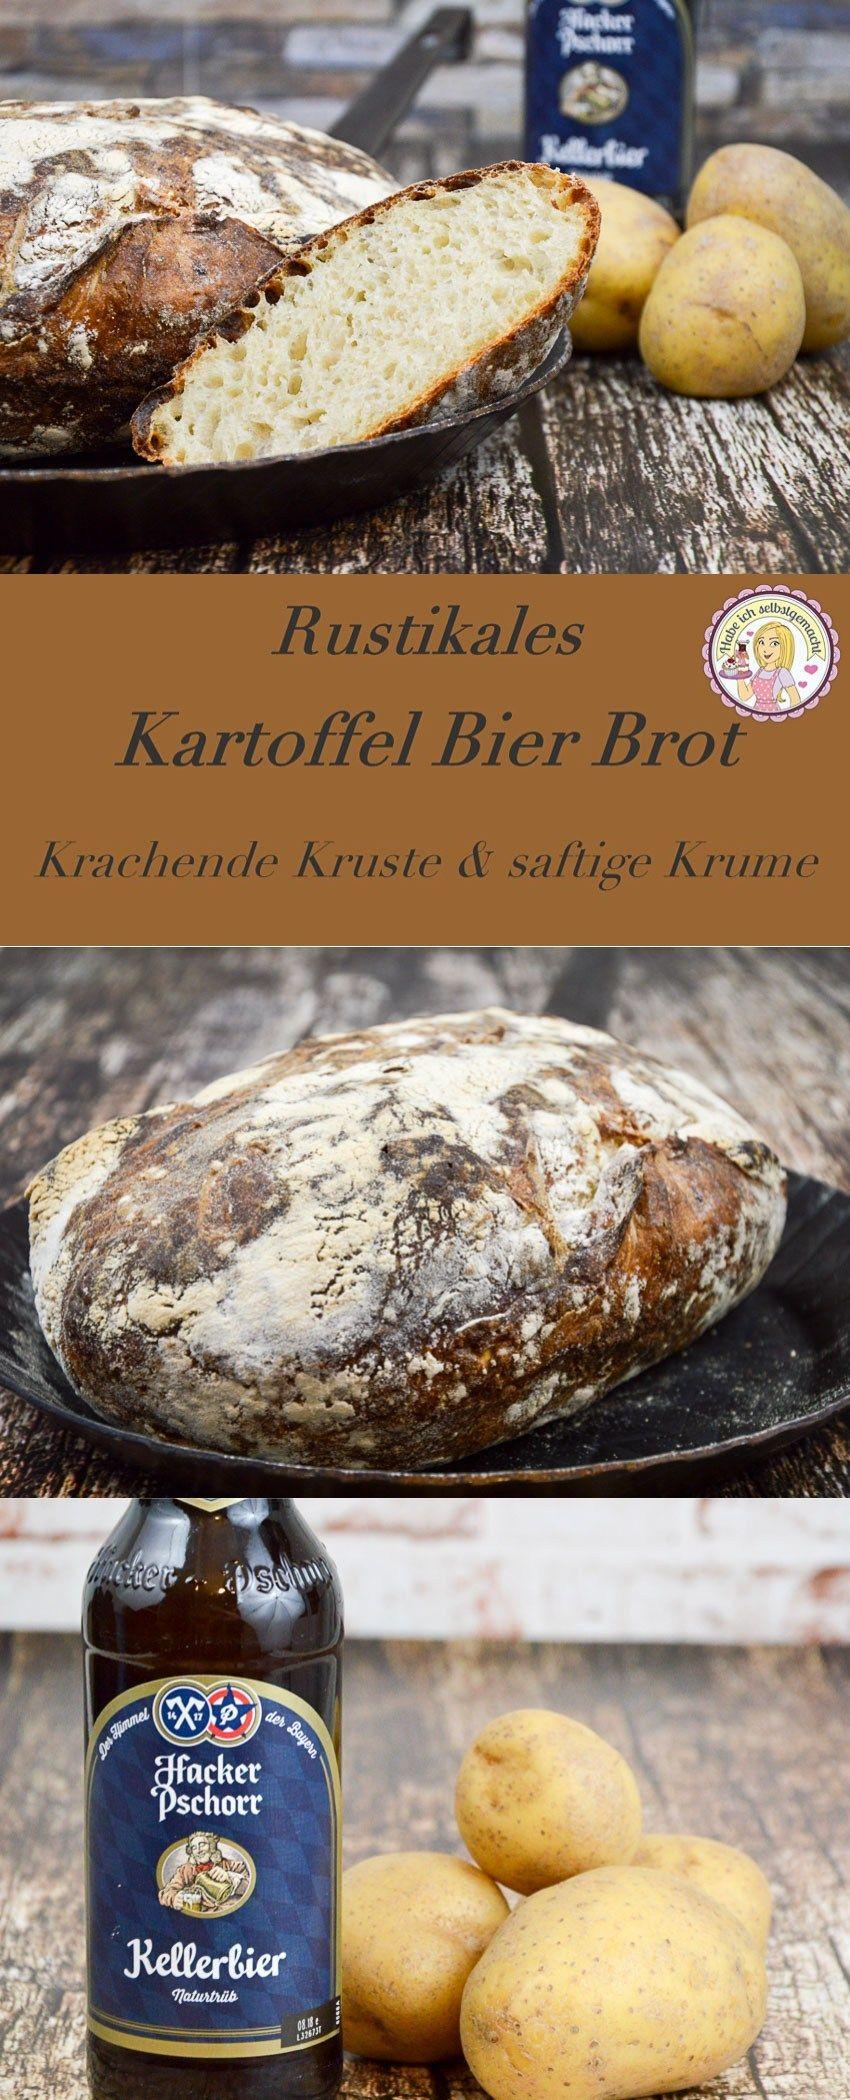 Brot #1 Kartoffel Bier Brot mit gekochten Kartoffeln - Habe ich selbstgemacht